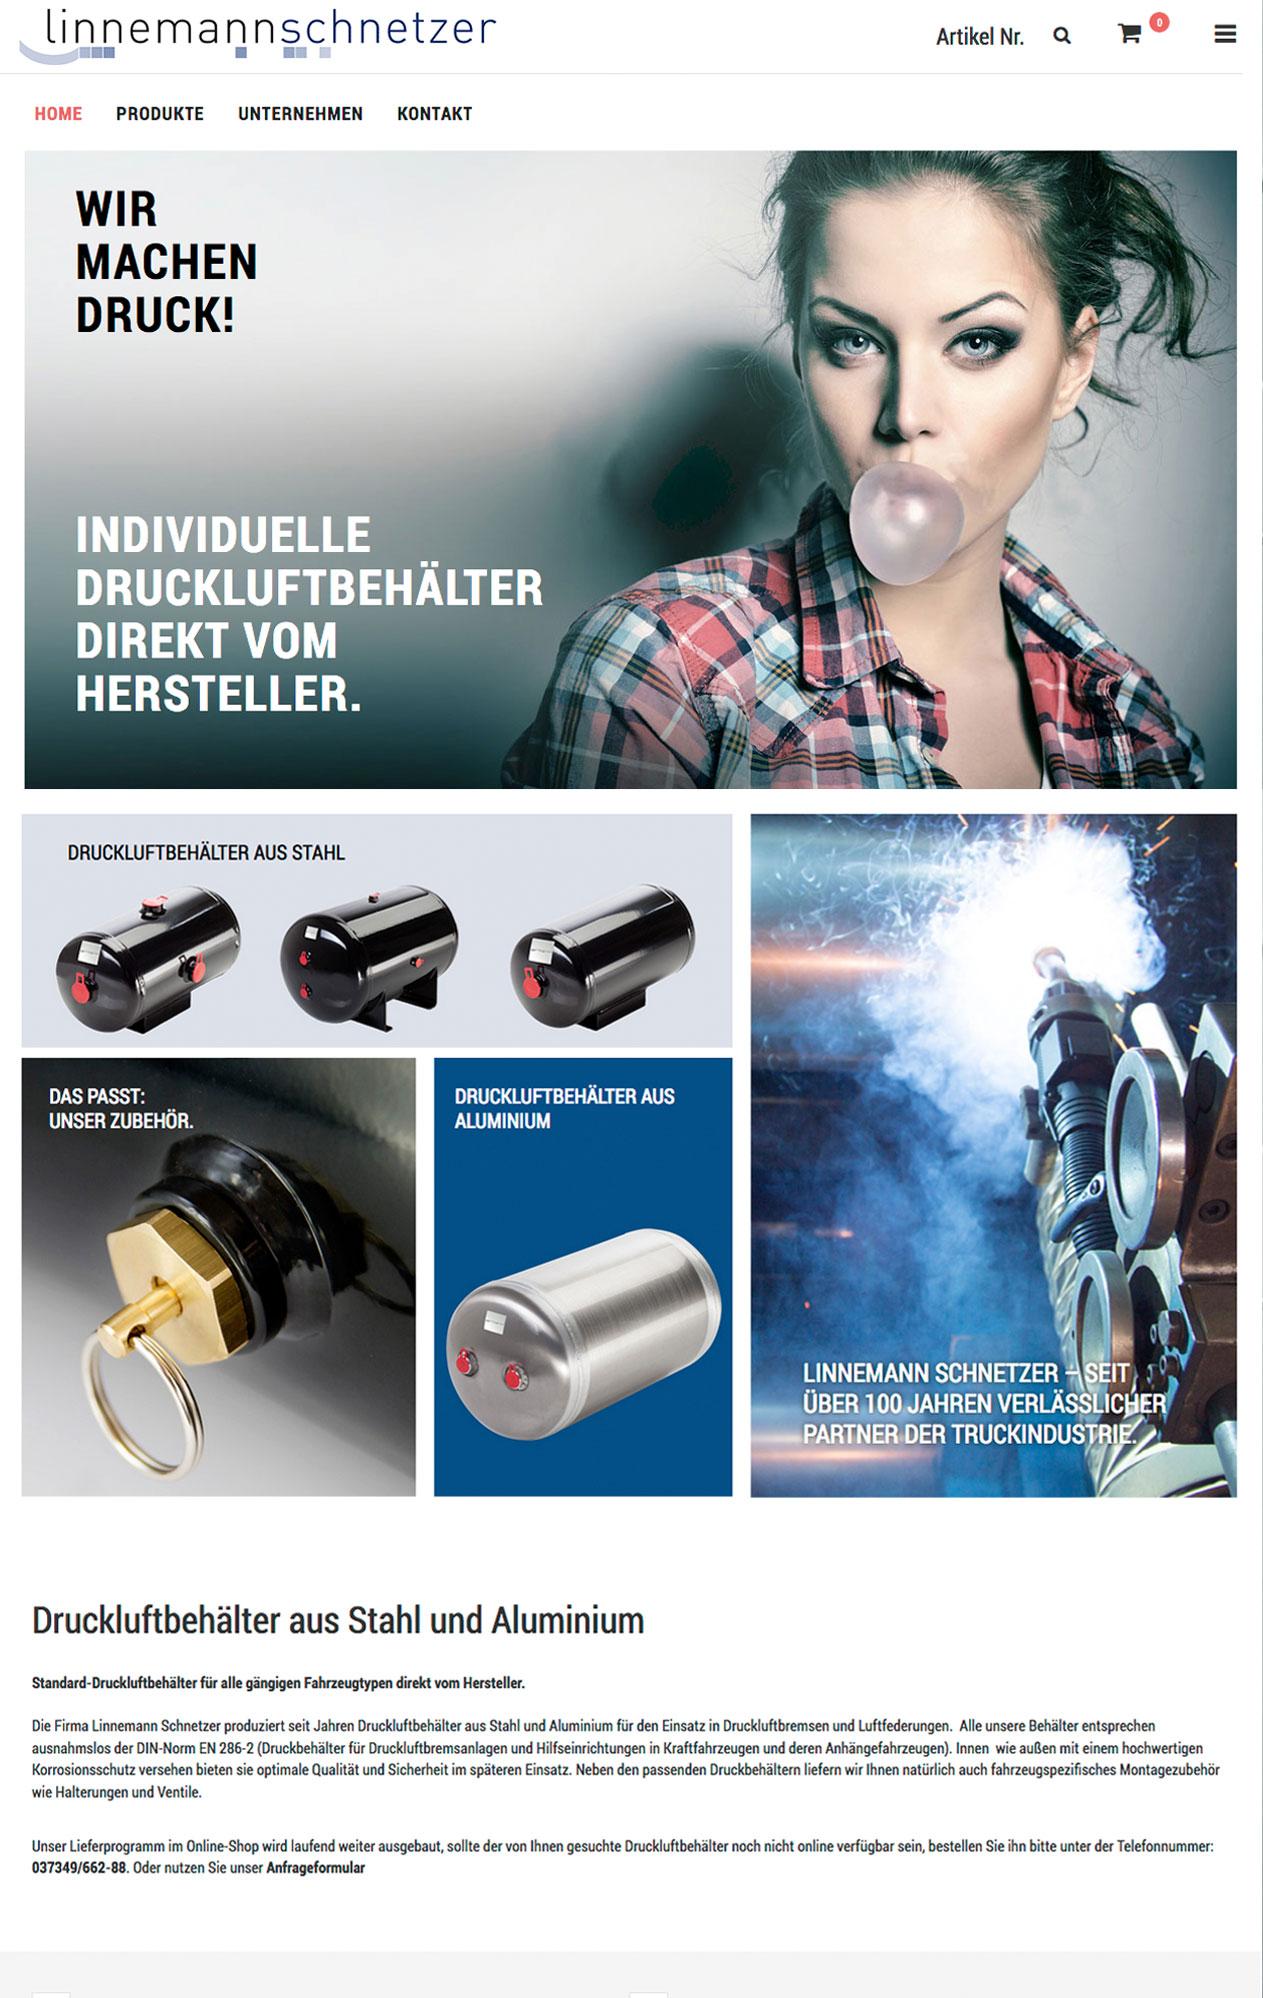 Onlineshop für Druckluftbehälter